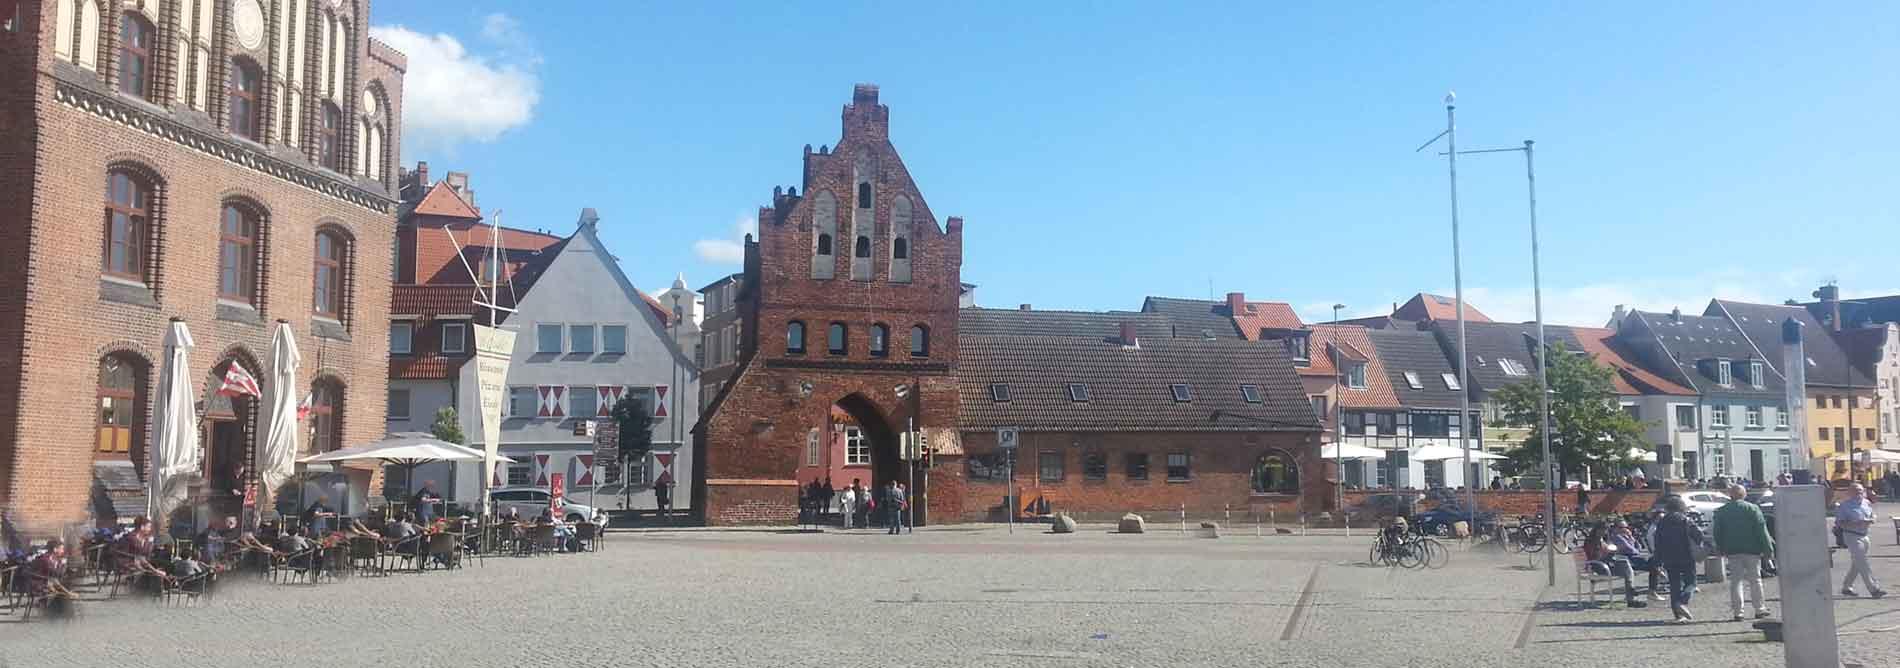 Grillhaus Wismar